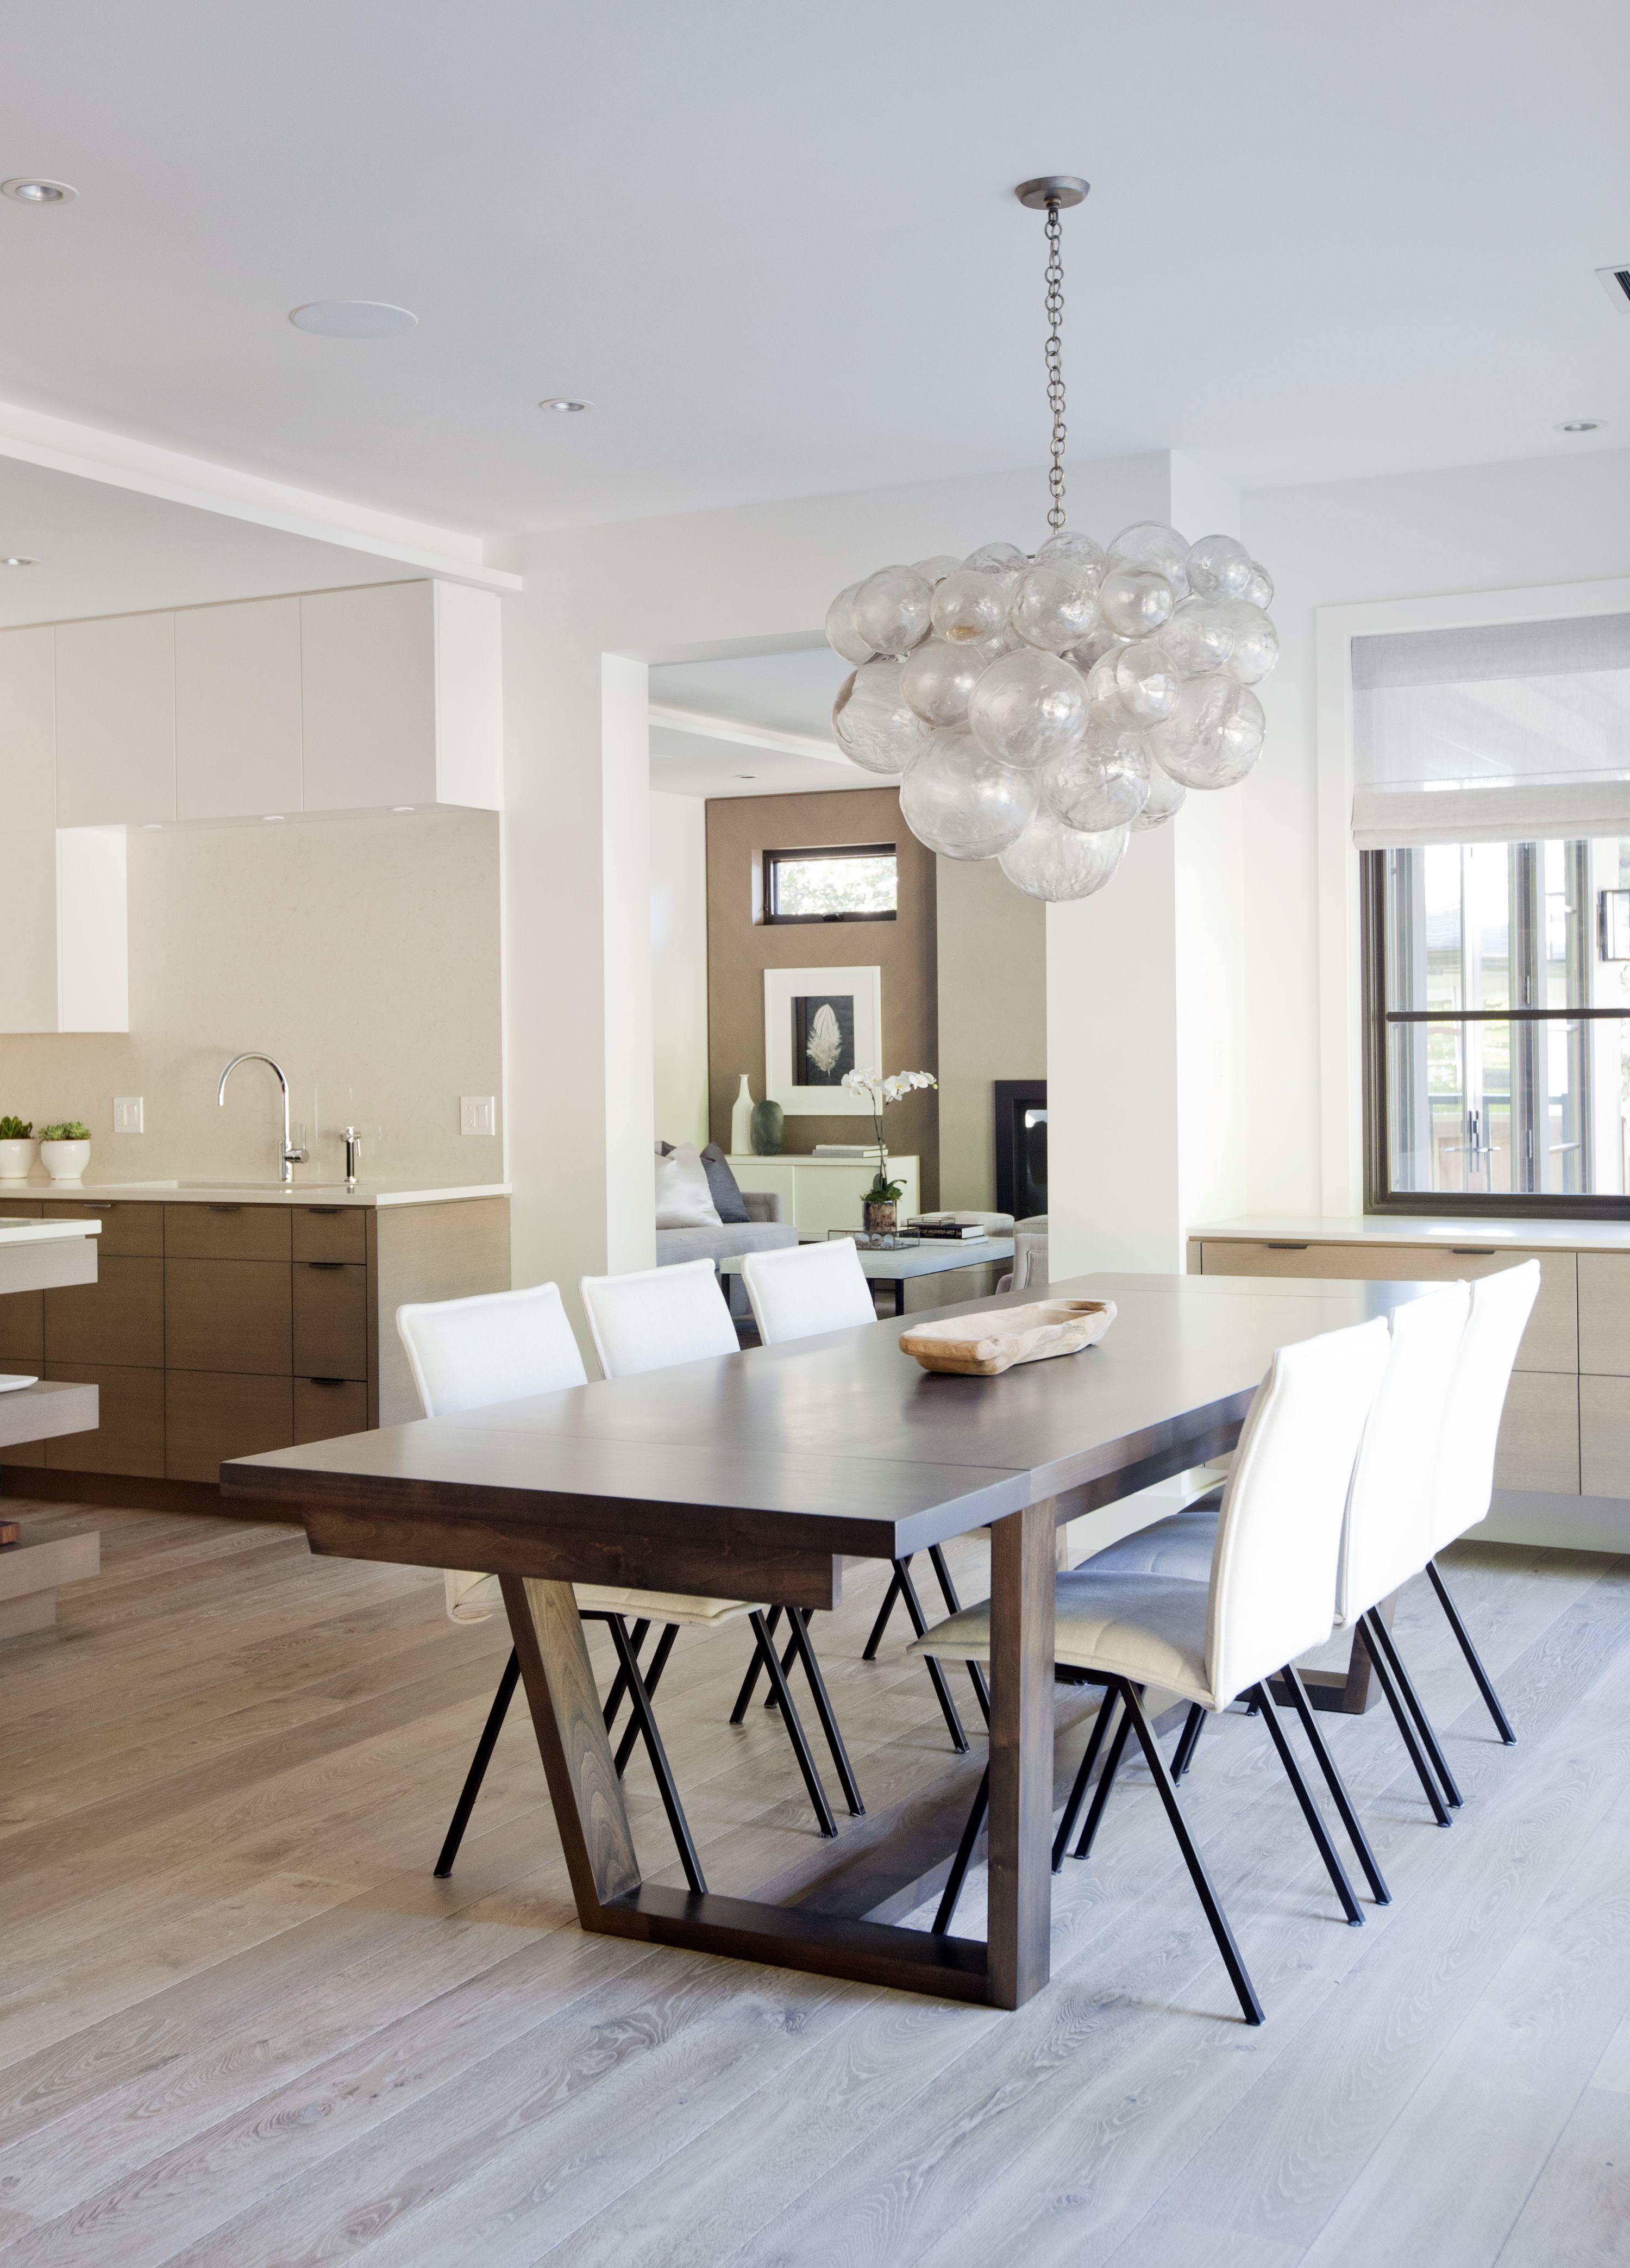 Minimalist Dining Set Off 63, Minimalist Dining Room Table